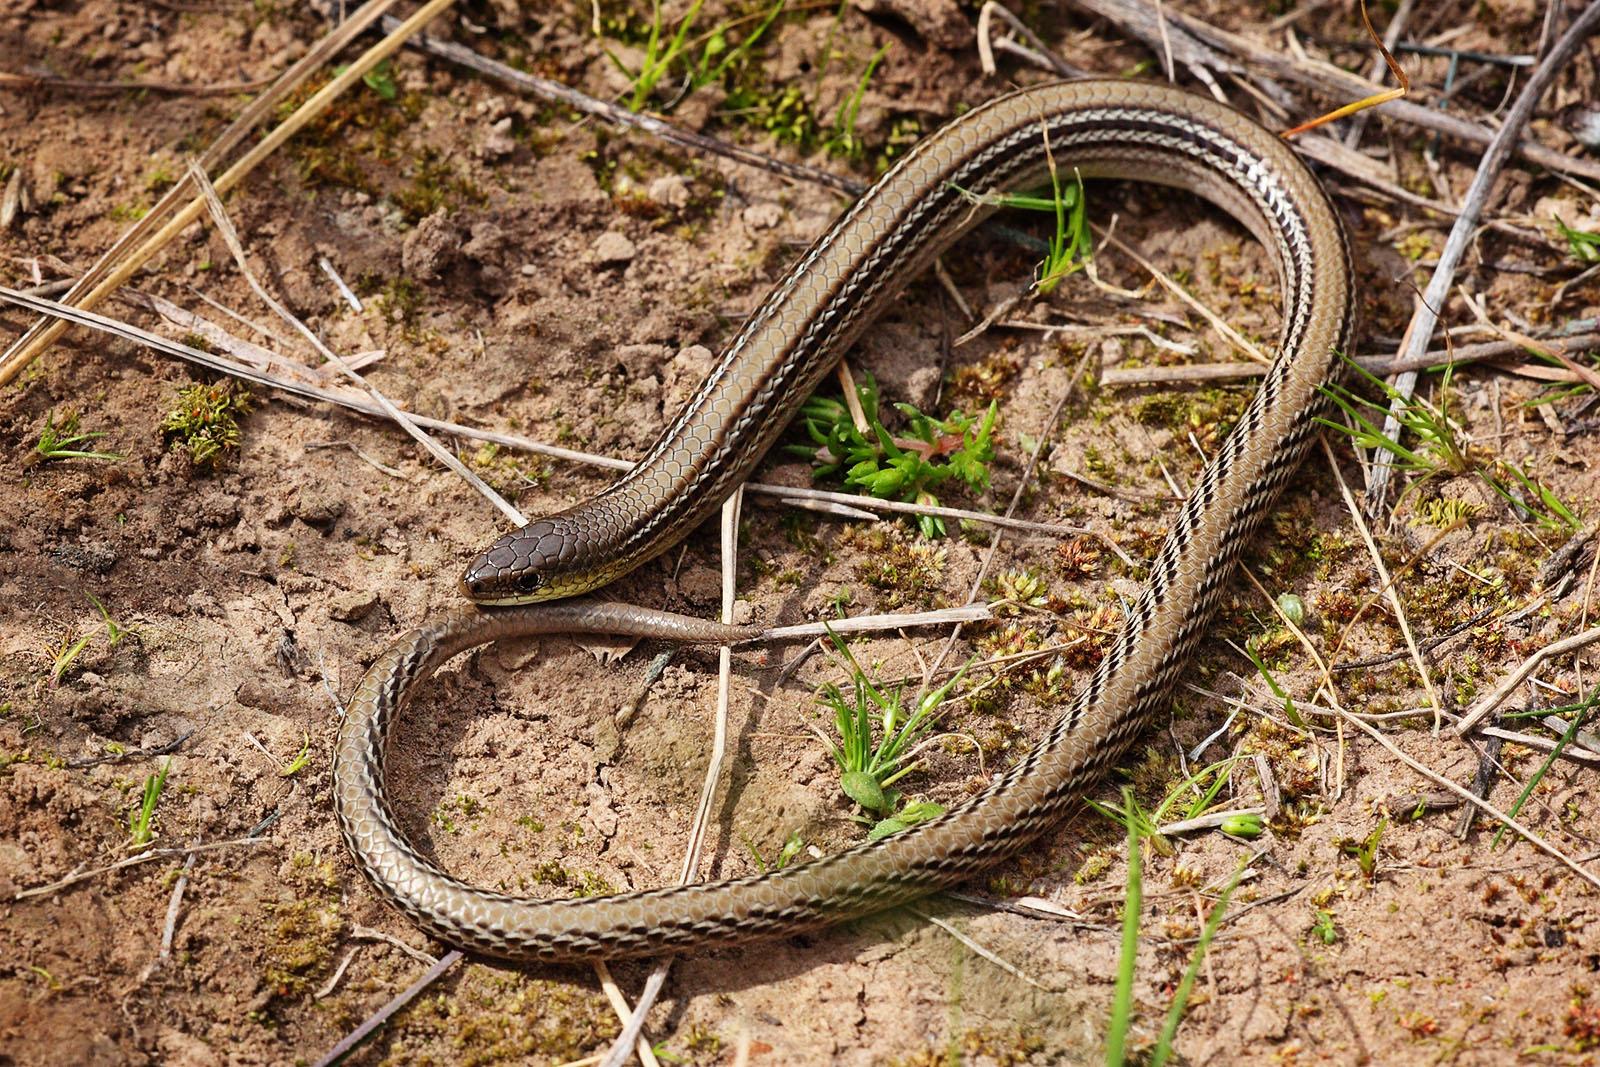 striped legless lizard picture jpg 853x1280